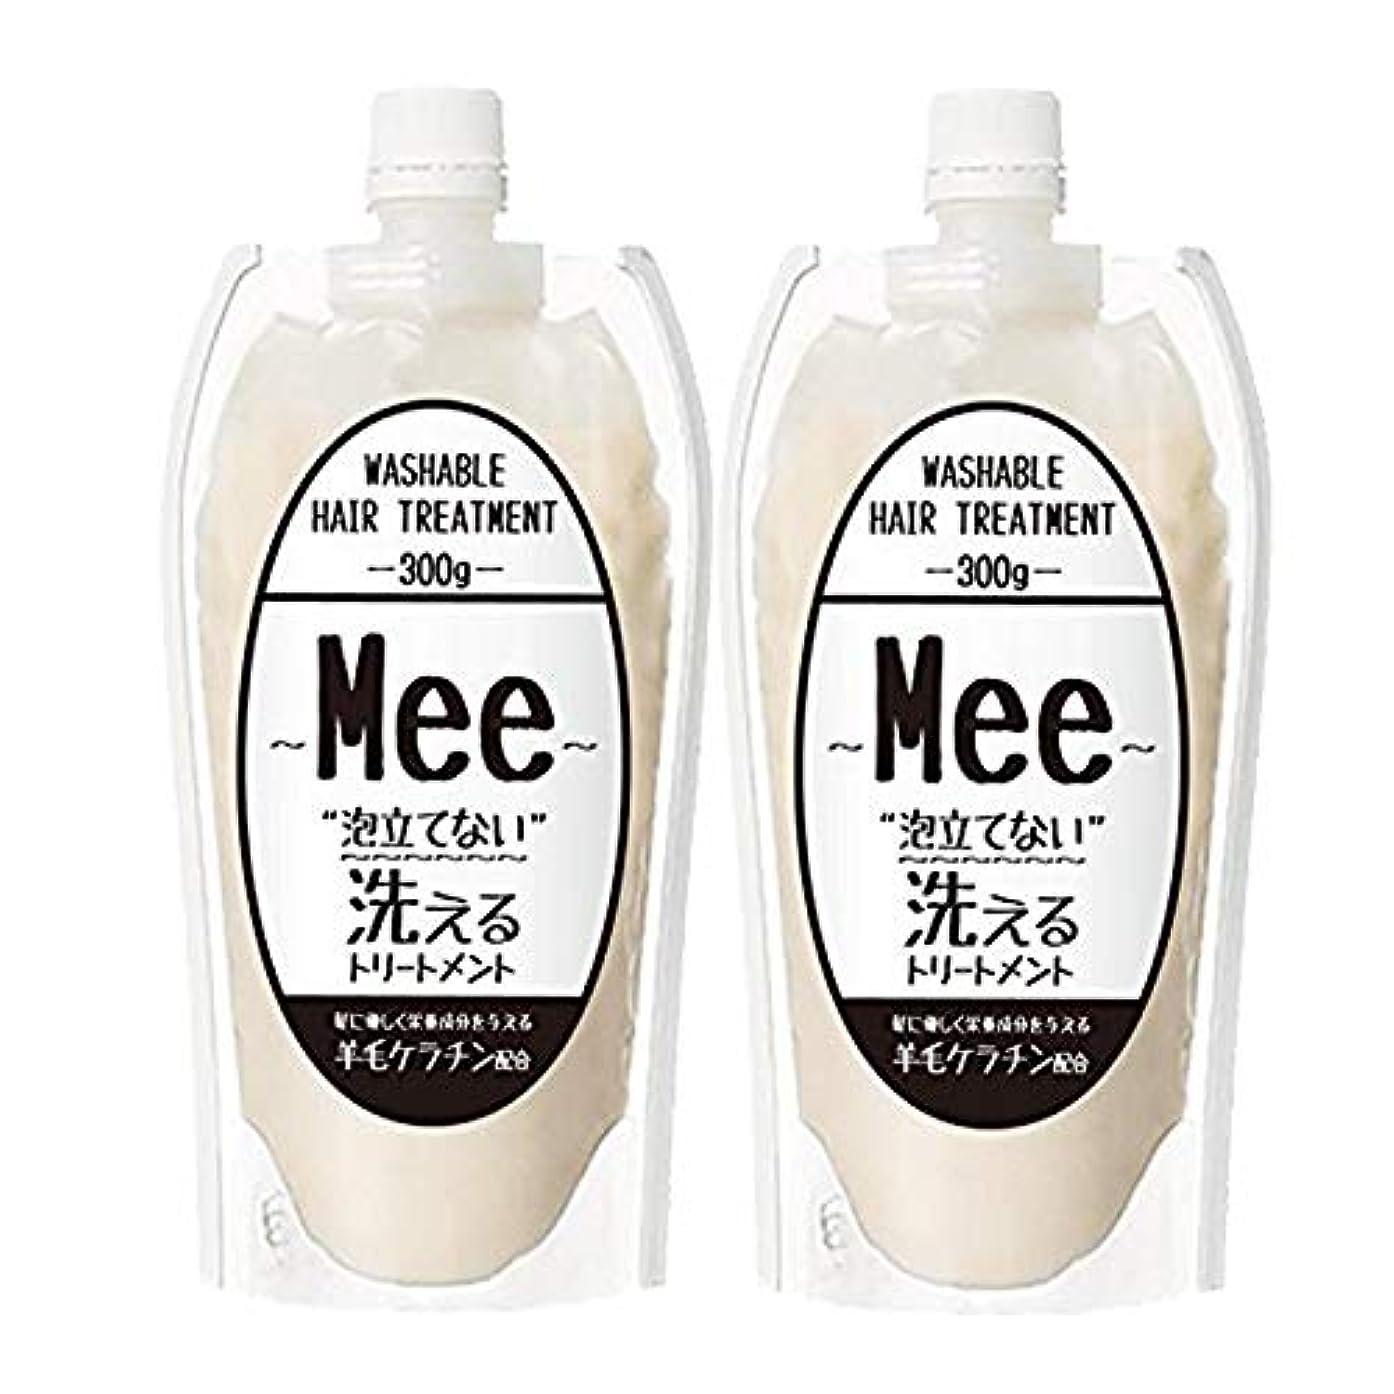 構想する地下鉄日焼けまとめ買い【2個組】 洗えるトリートメントMEE Mee 300g×2個SET クリームシャンプー 皮脂 乾燥肌 ダメージケア 大容量 時短